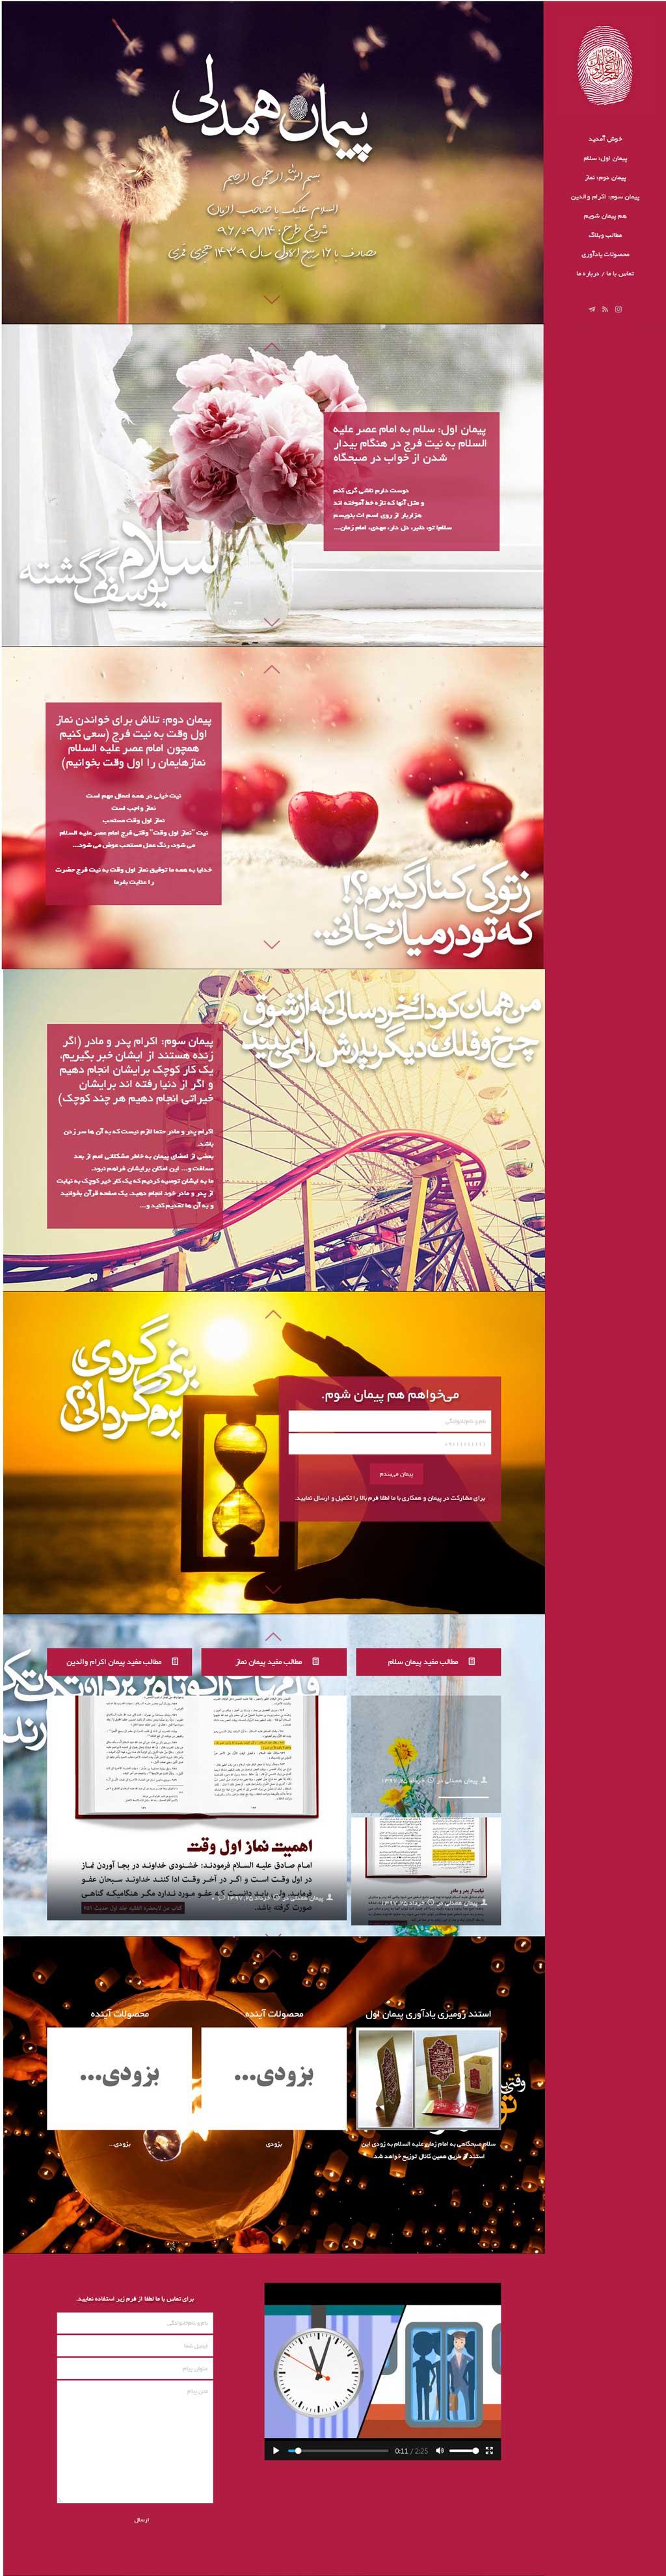 طراحی وب سایت معرفی پیمان | طراحی وب سایت